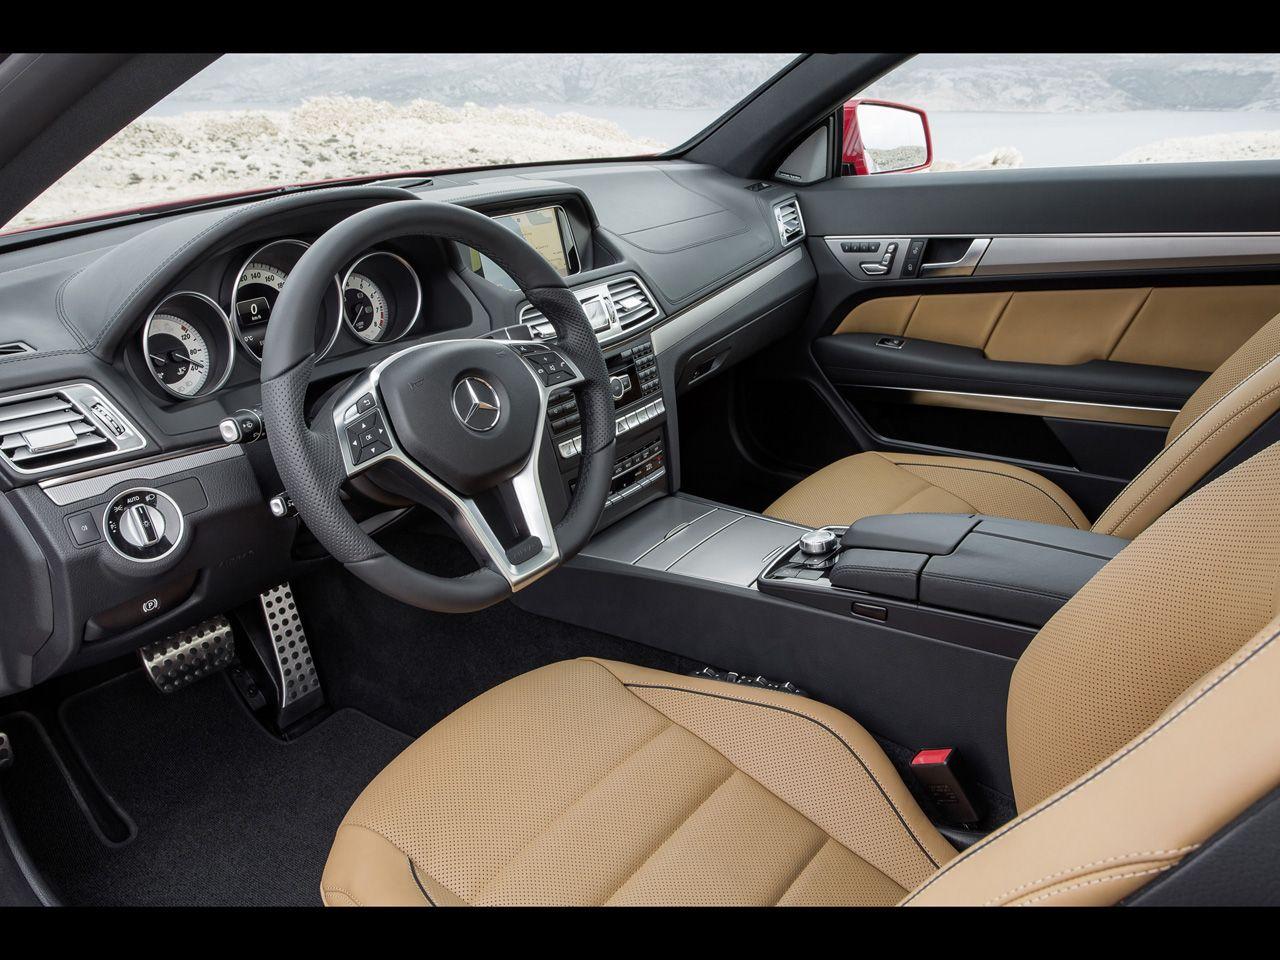 2013 Mercedes Benz E Class Coupe Mercedes E Class Coupe Benz E